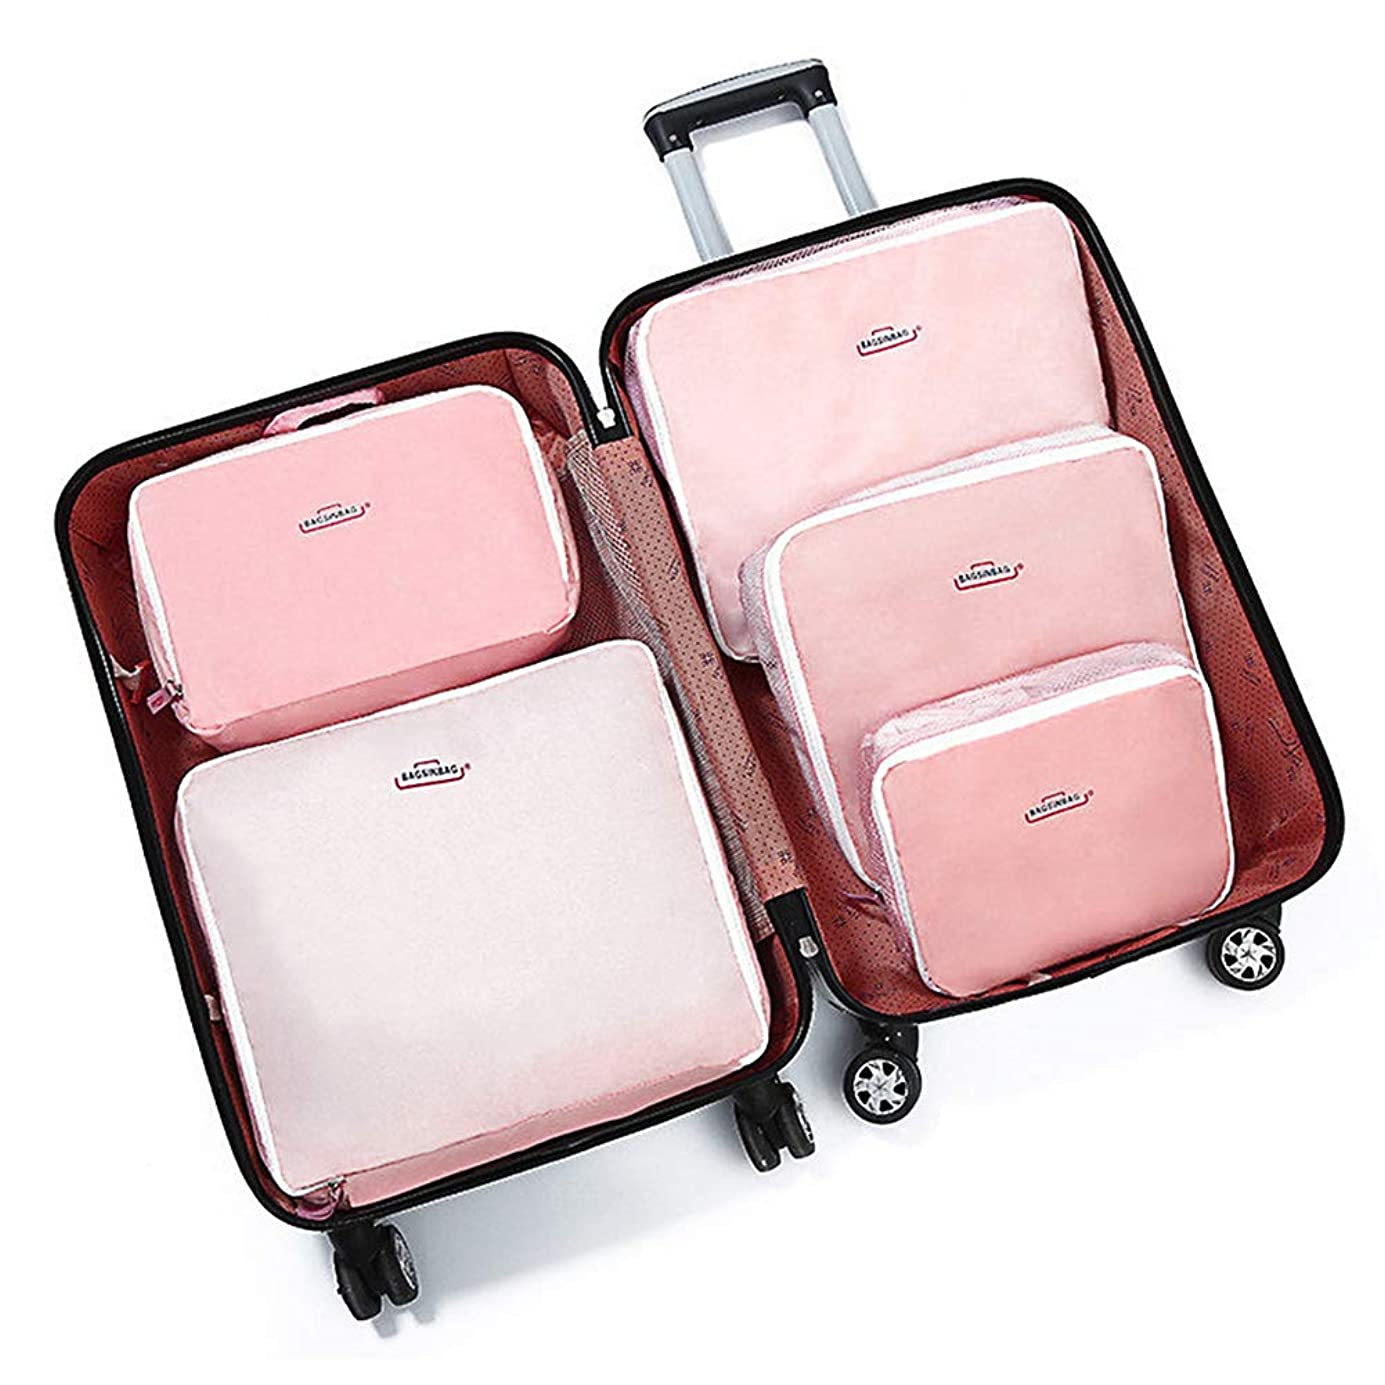 一杯四面体払い戻しACHICOO 親子 バッグ 5Pcs /セット 多機能 ポータブル 収納袋 携帯用 お得 人気 衣類 荷物 旅行 アウトドア キャンプ 夏 冬 ピンク